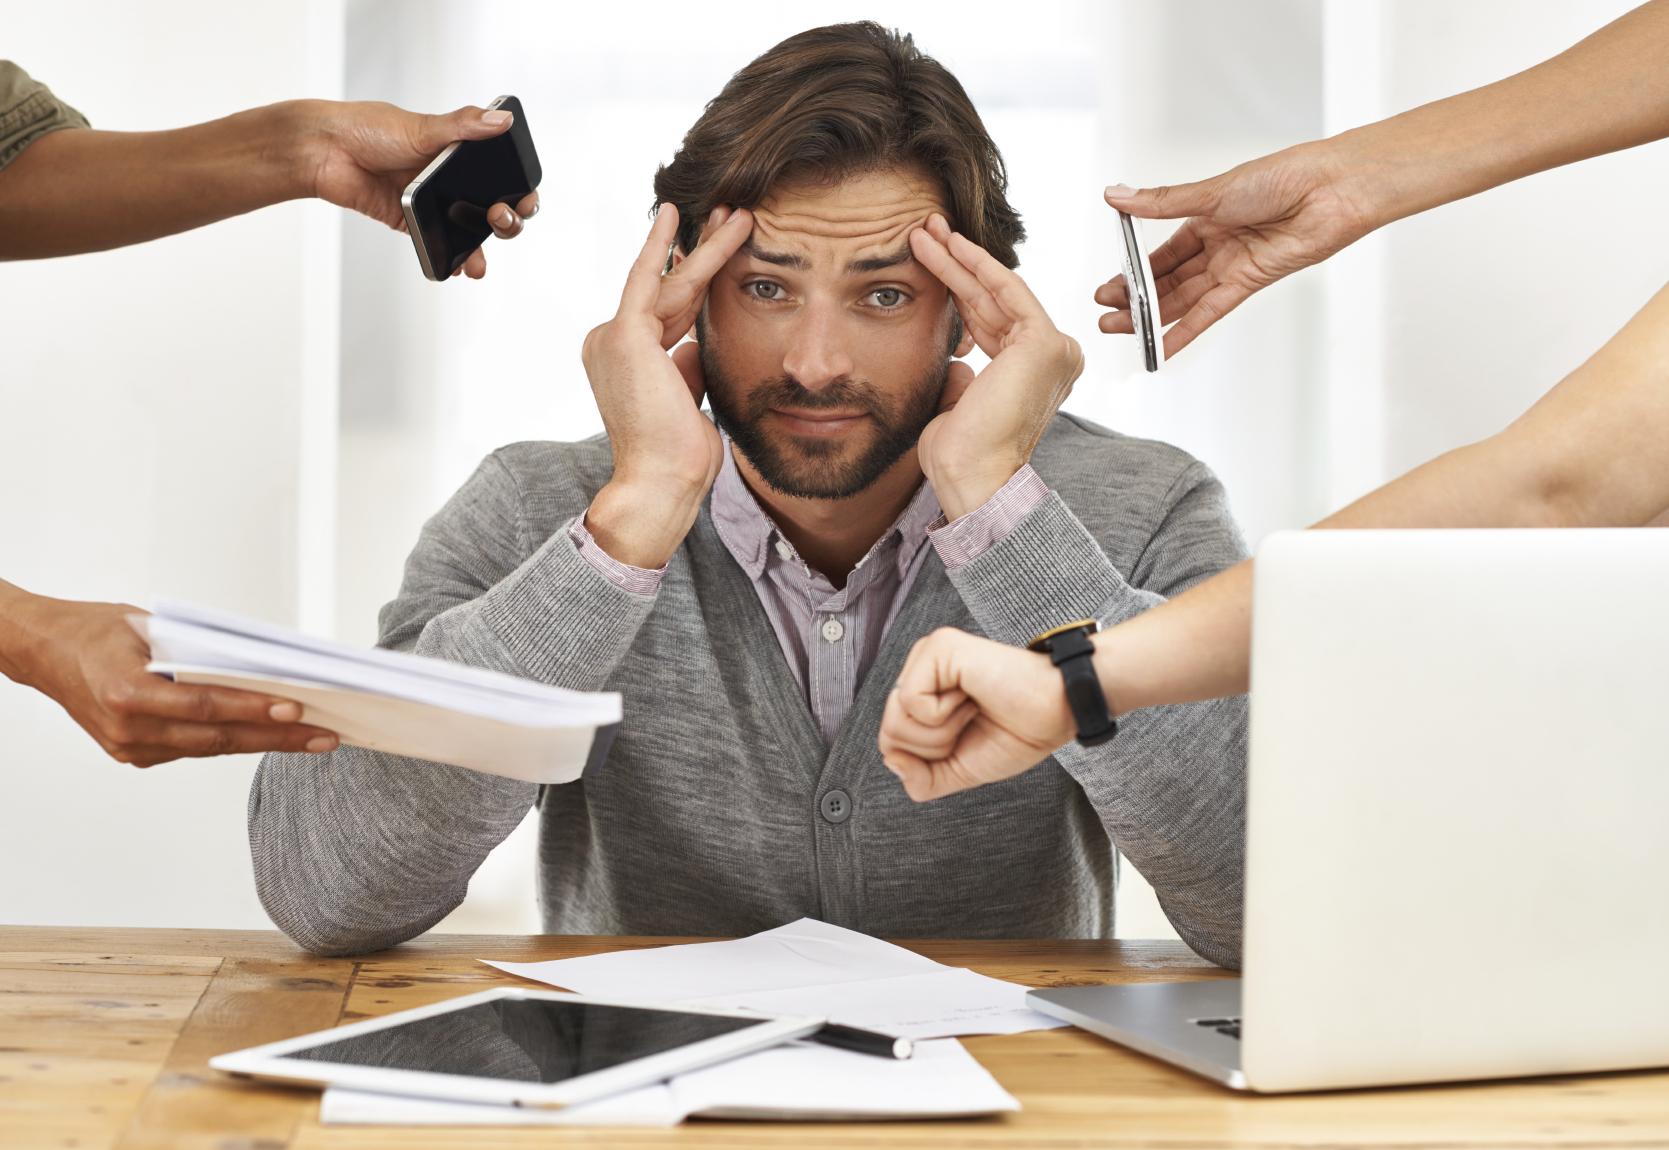 L'hypnose relaxation : des séances axées sur l'anti-stress et la détente